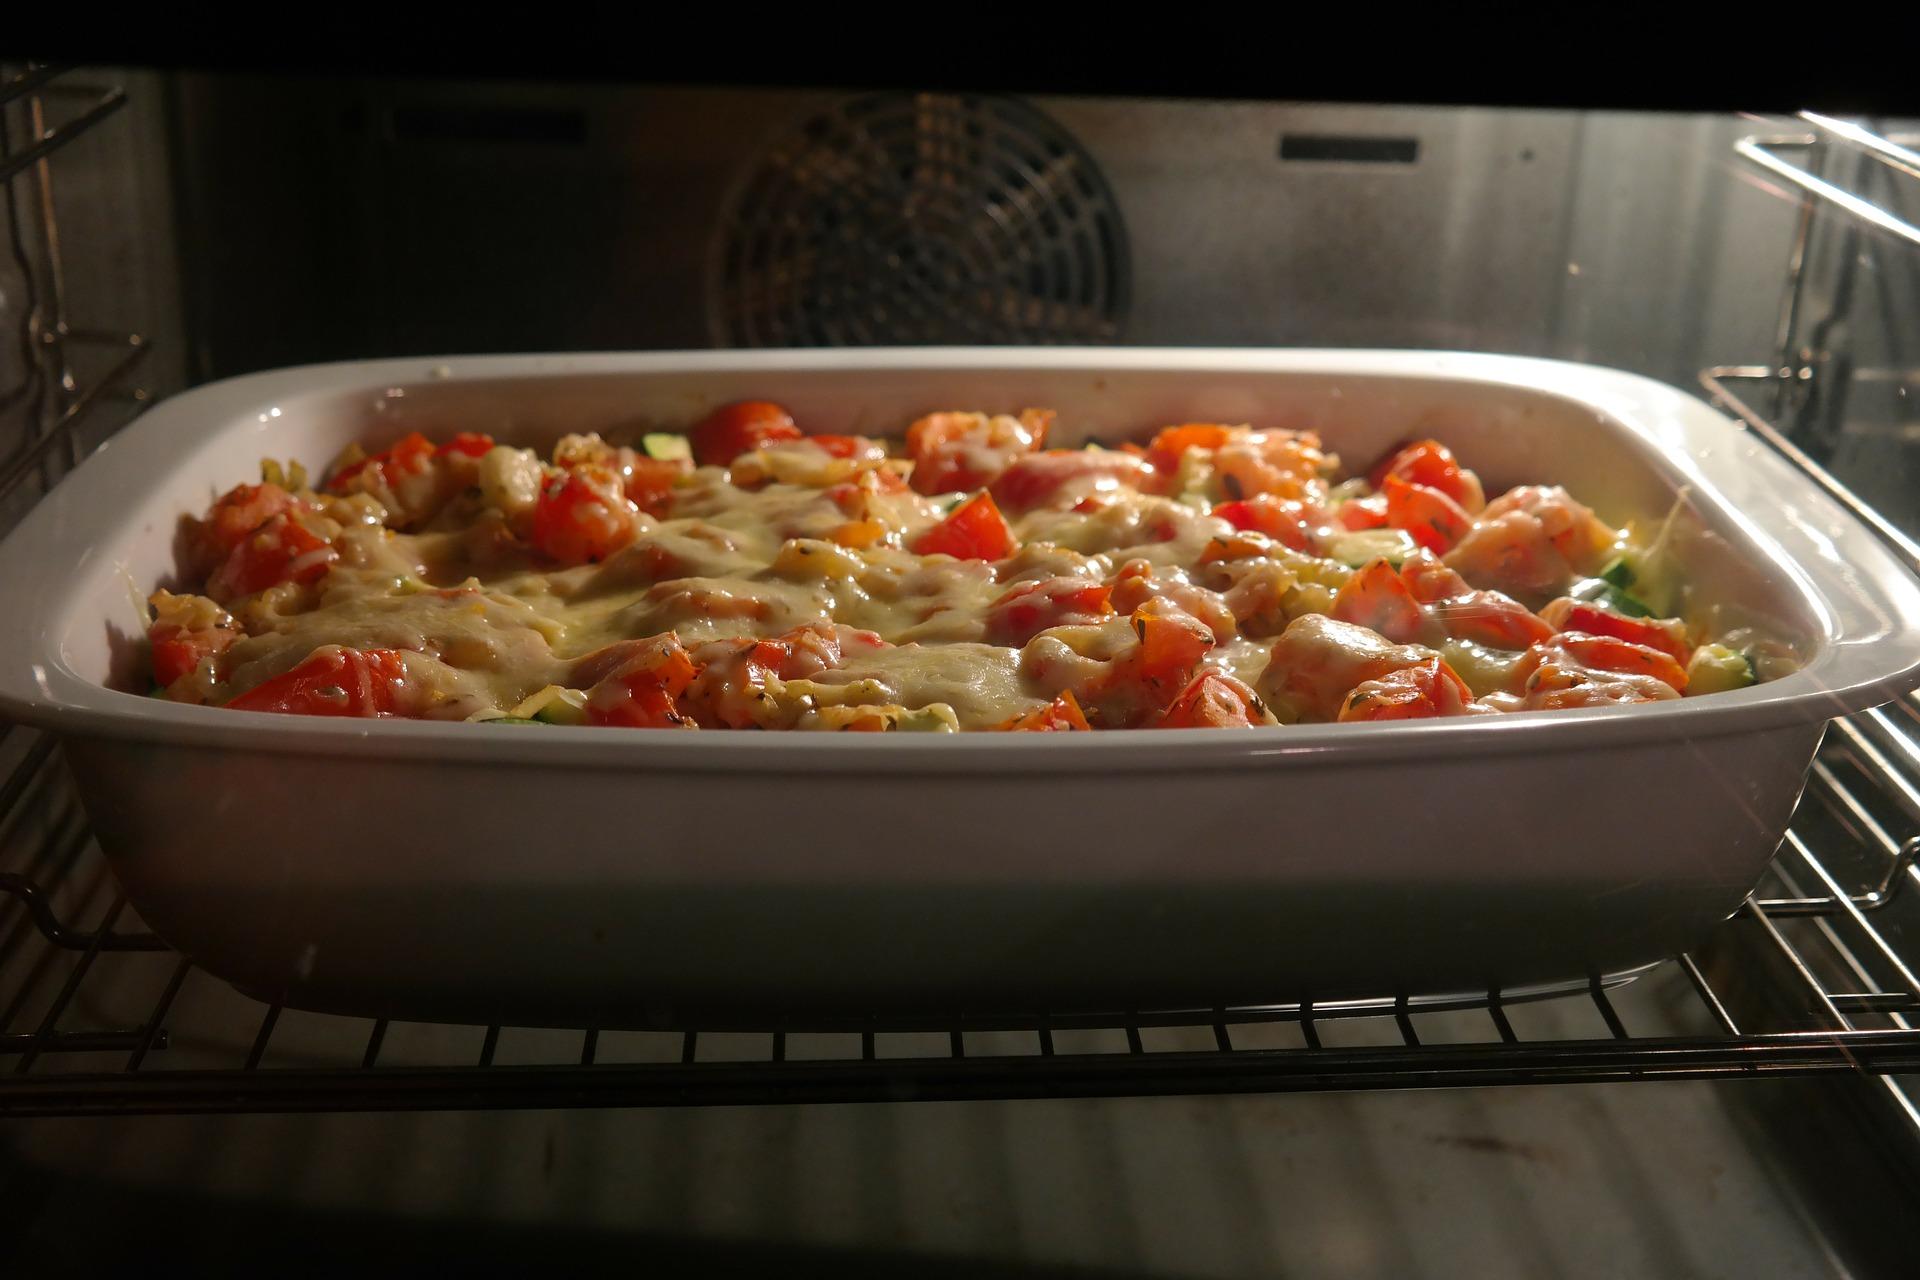 Lasagna cu parmezan si carne tocata - sfatulparintilor.ro - pixabay_com - cheese-casserole-283271_1920